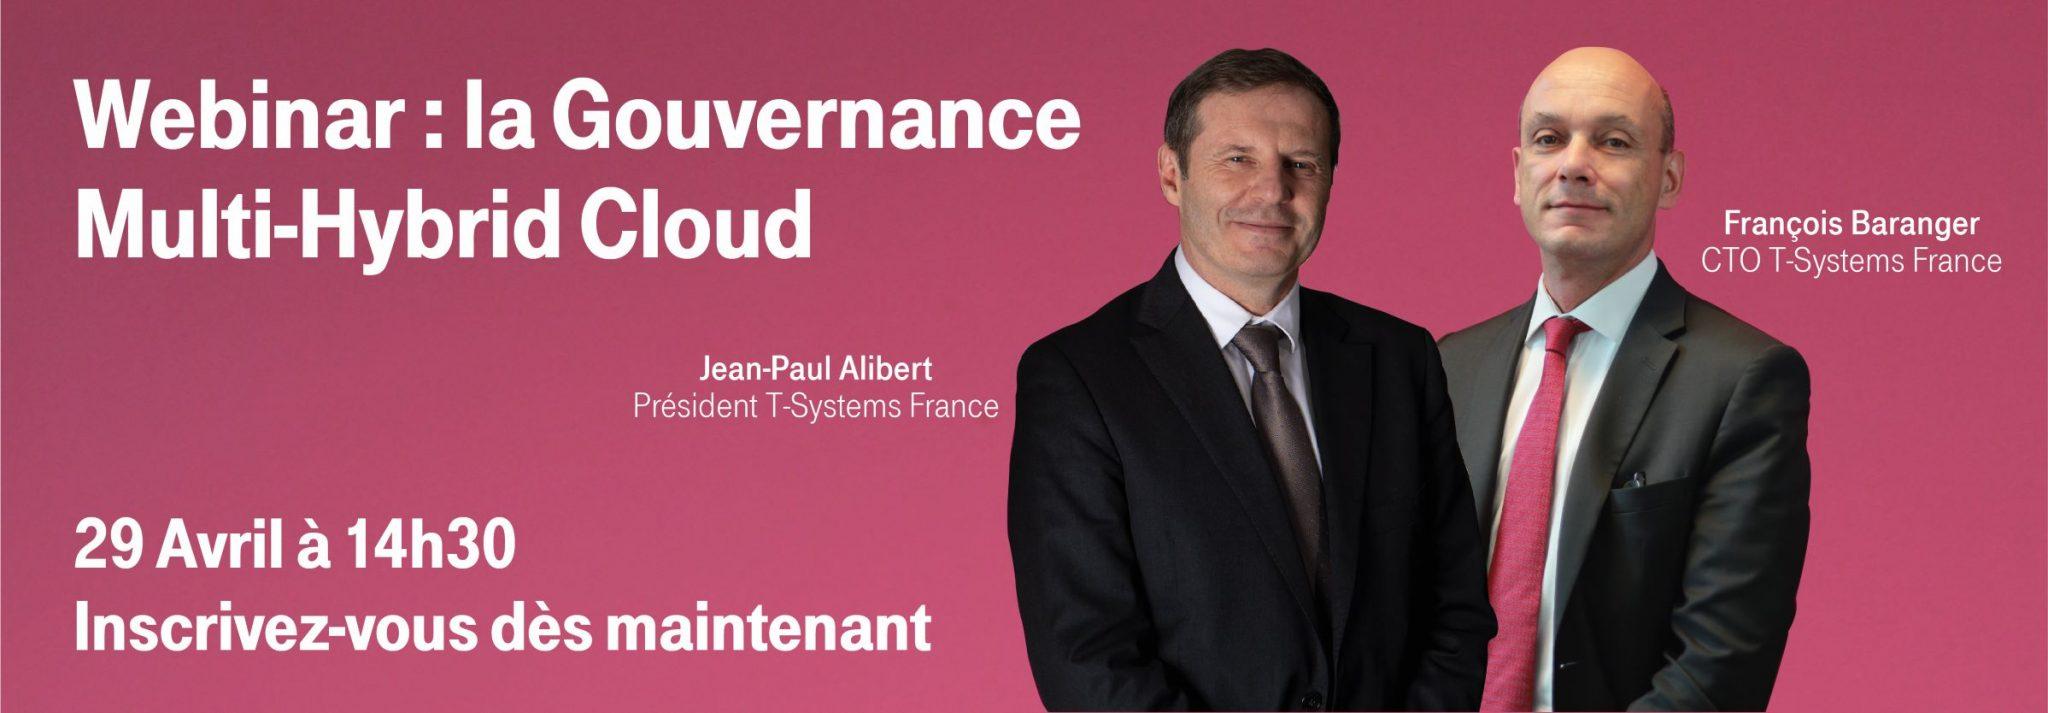 La Gouvernance Multi-Hybrid Cloud : jean paul alibert président t-systems france et françois baranger CTO chief technical officer présentent un thème d'actualité lors d'un webinar le 29 avril 2020 à 14h30